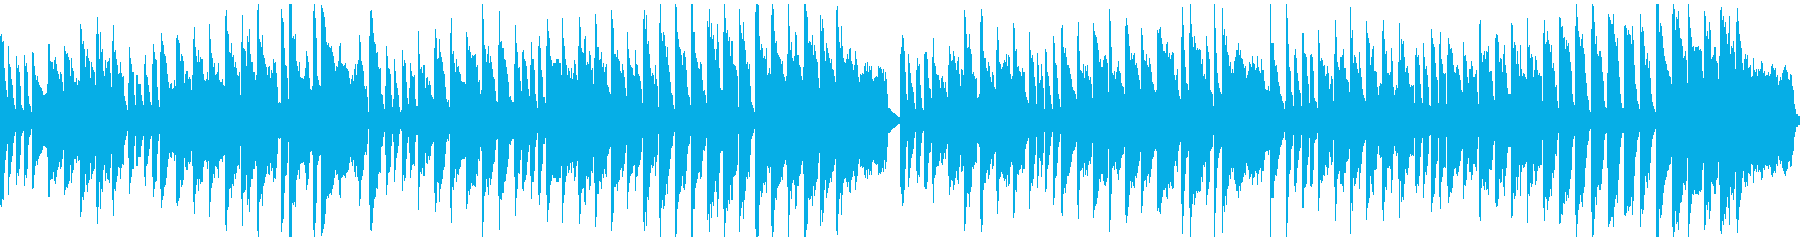 不思議な場面、昭和アニメっぽい※ループ版の再生済みの波形